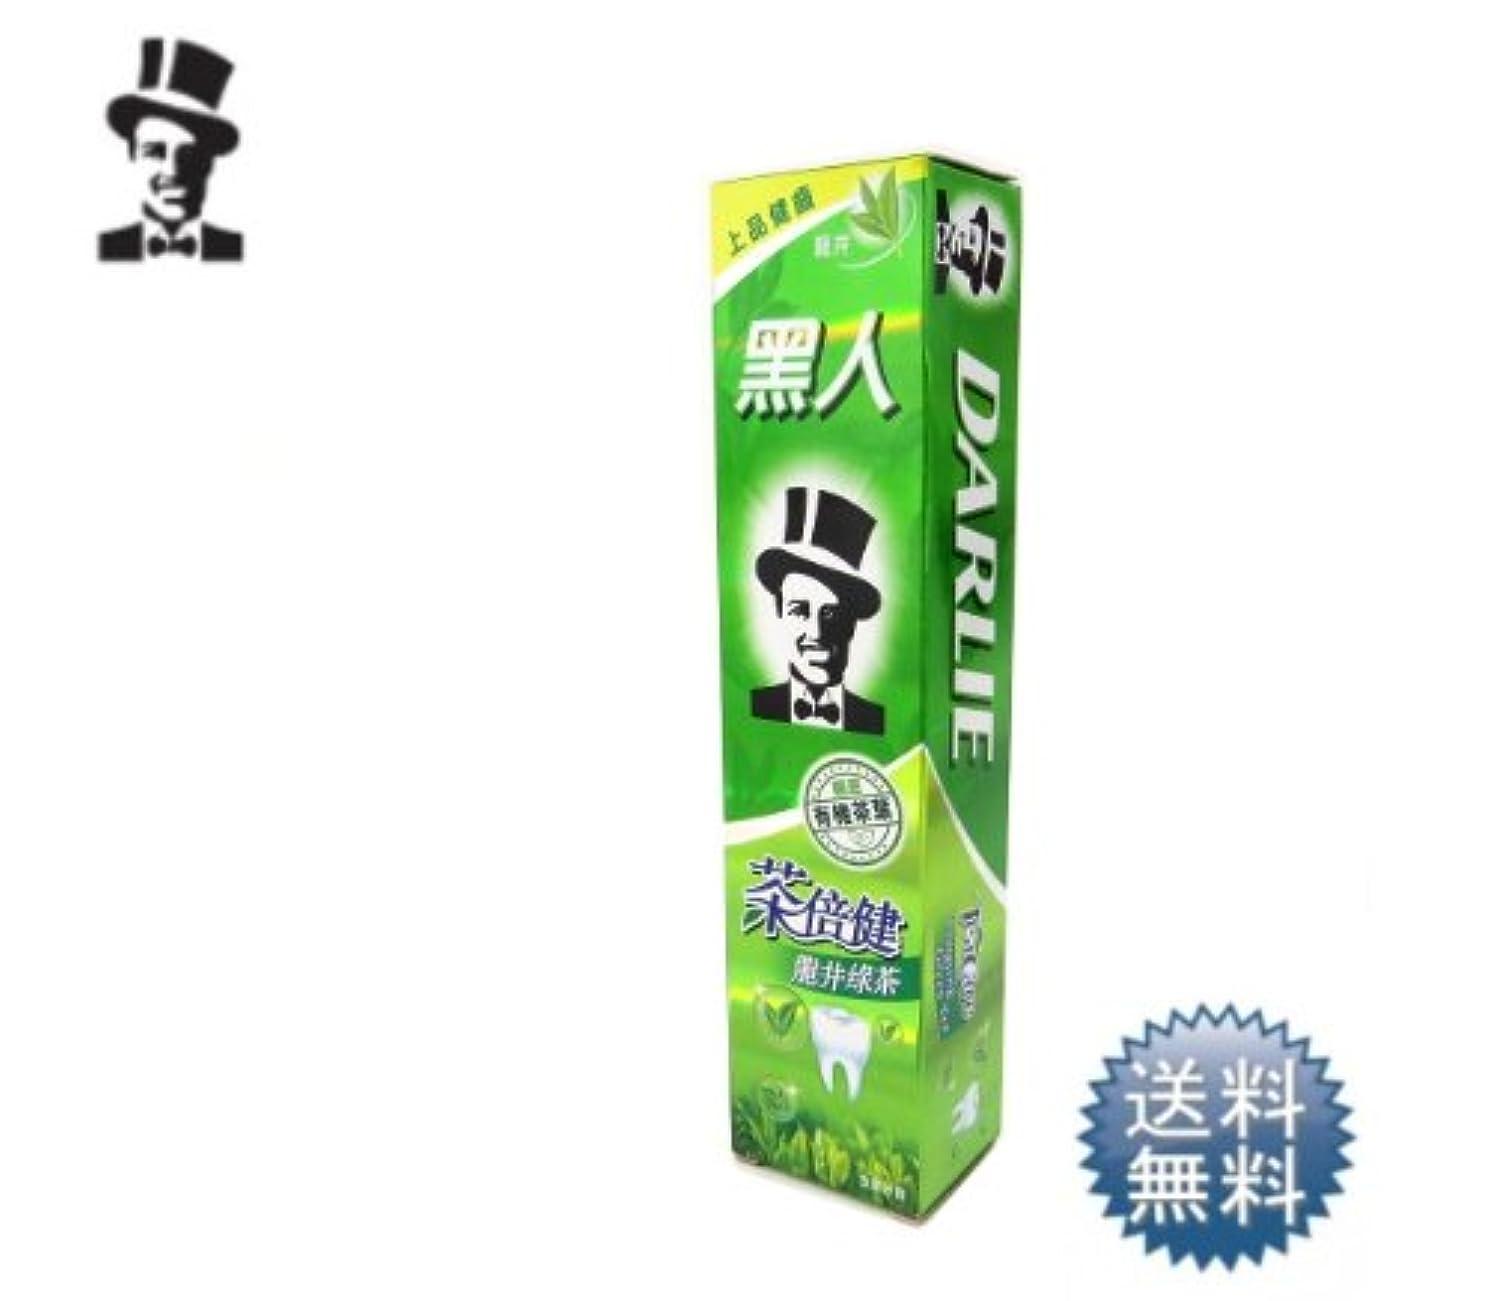 教育者ハブ許可台湾 黒人 茶倍健牙膏 160g